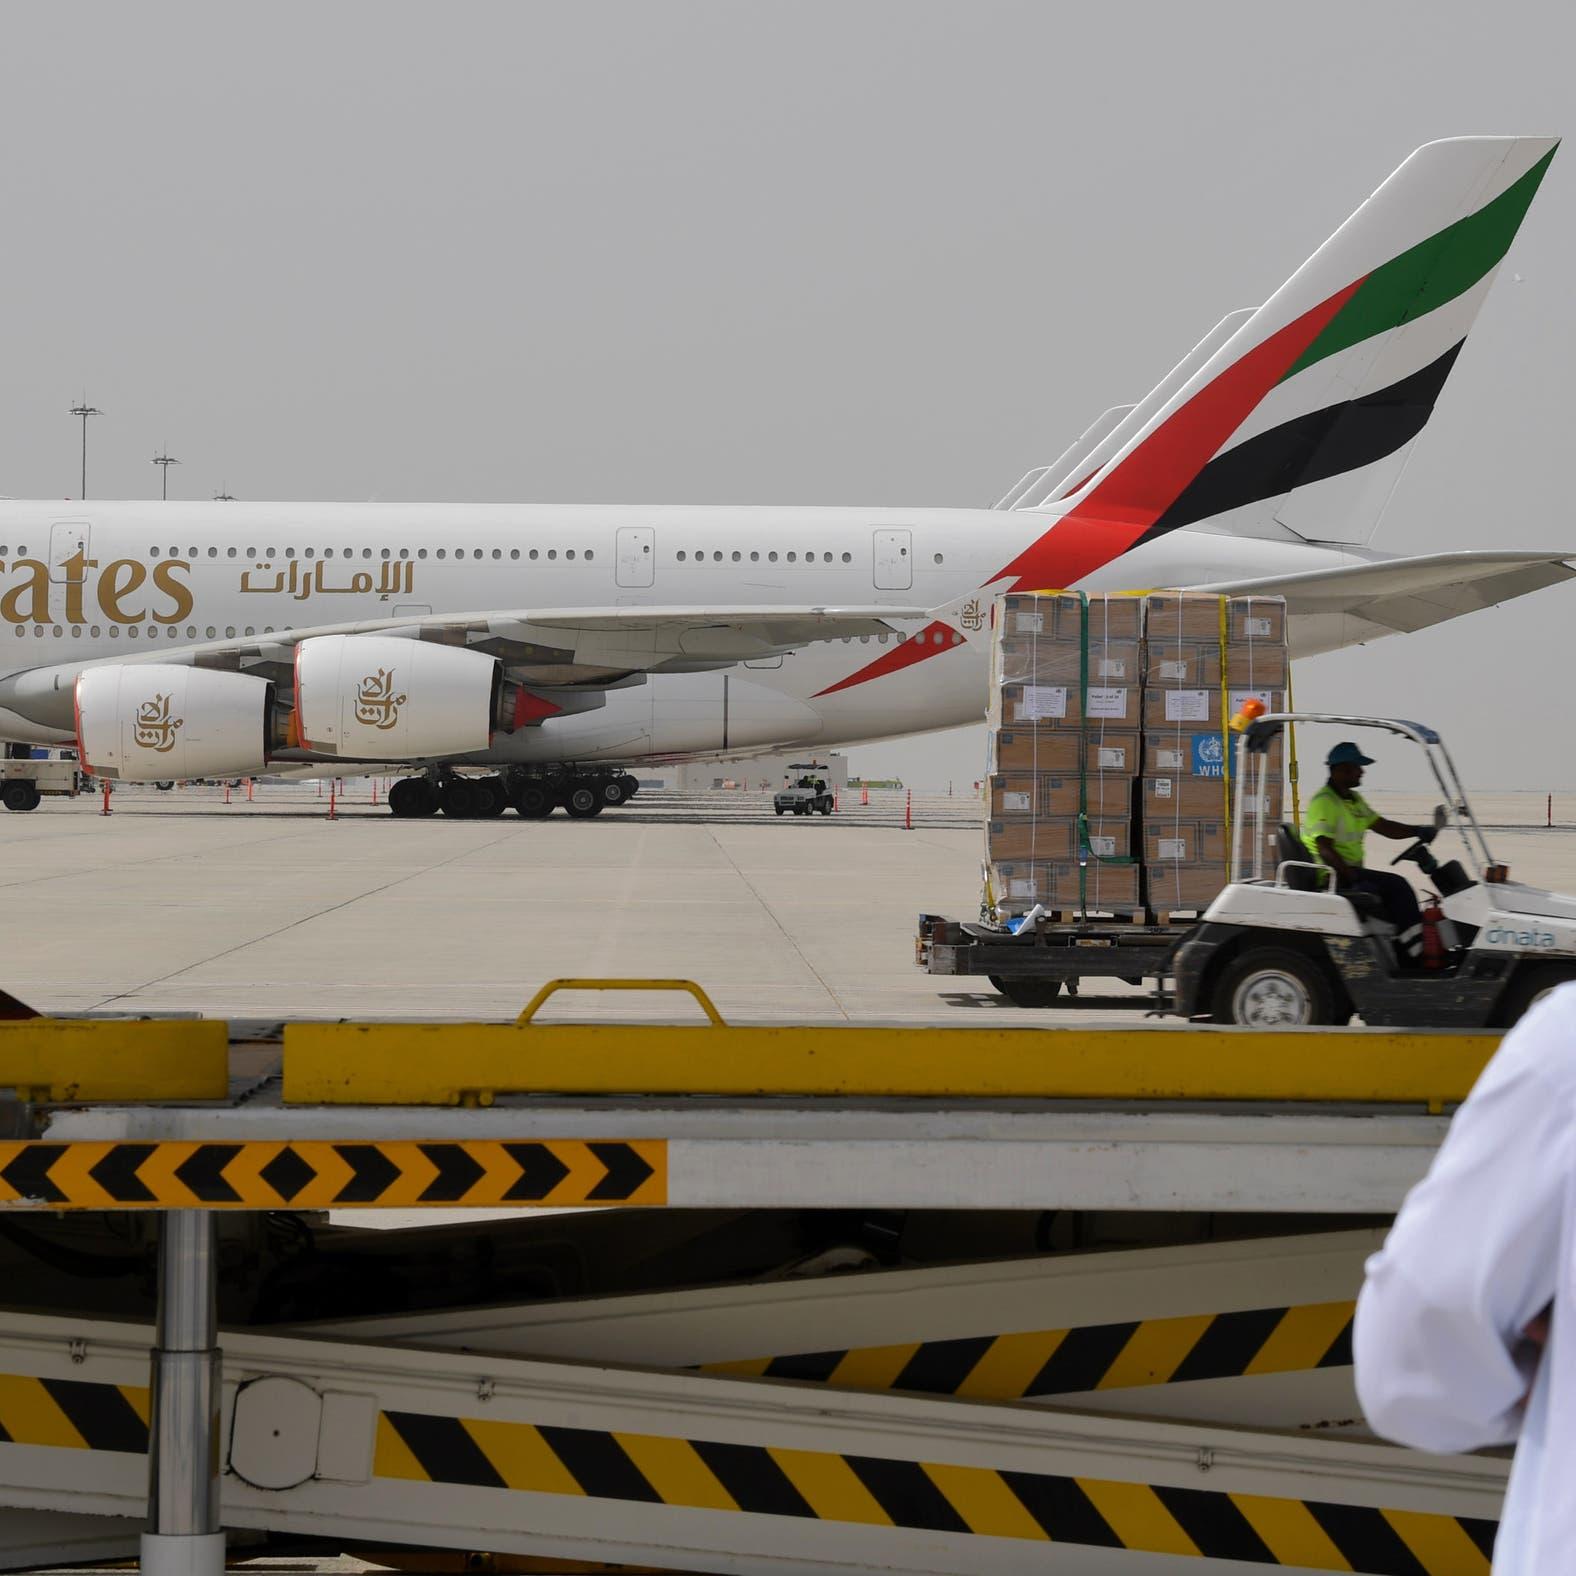 الإمارات: تعليق الطيران  لـ4 بلدان ووقف التأشيرات بسبب كورونا